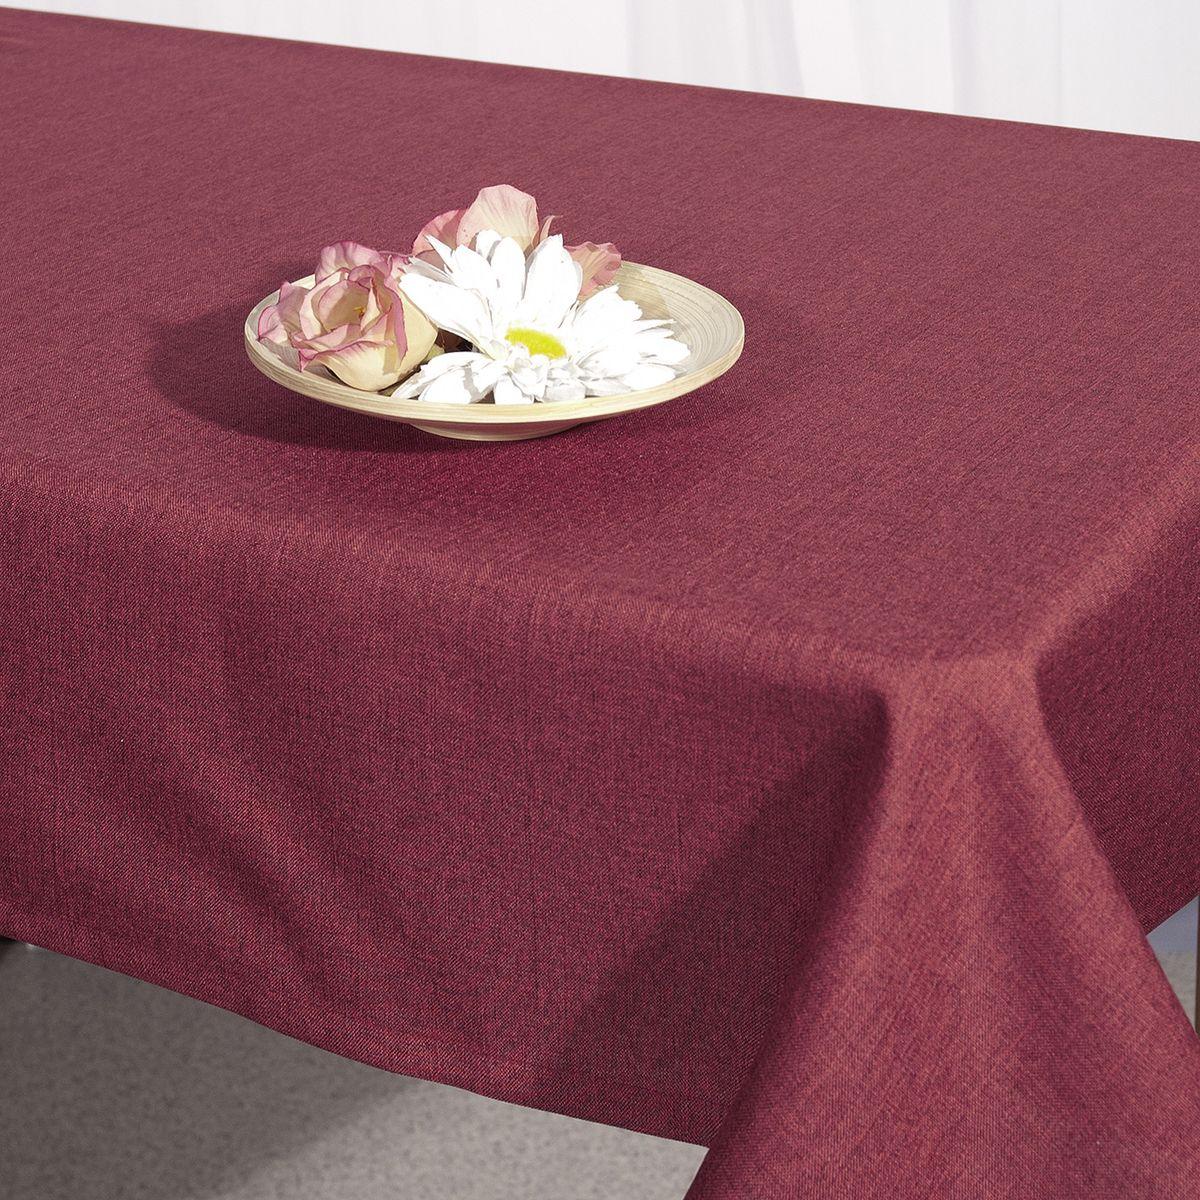 Скатерть Schaefer, прямоугольная, цвет: бордовый, 130 x 170 см. 07056-429 schaefer